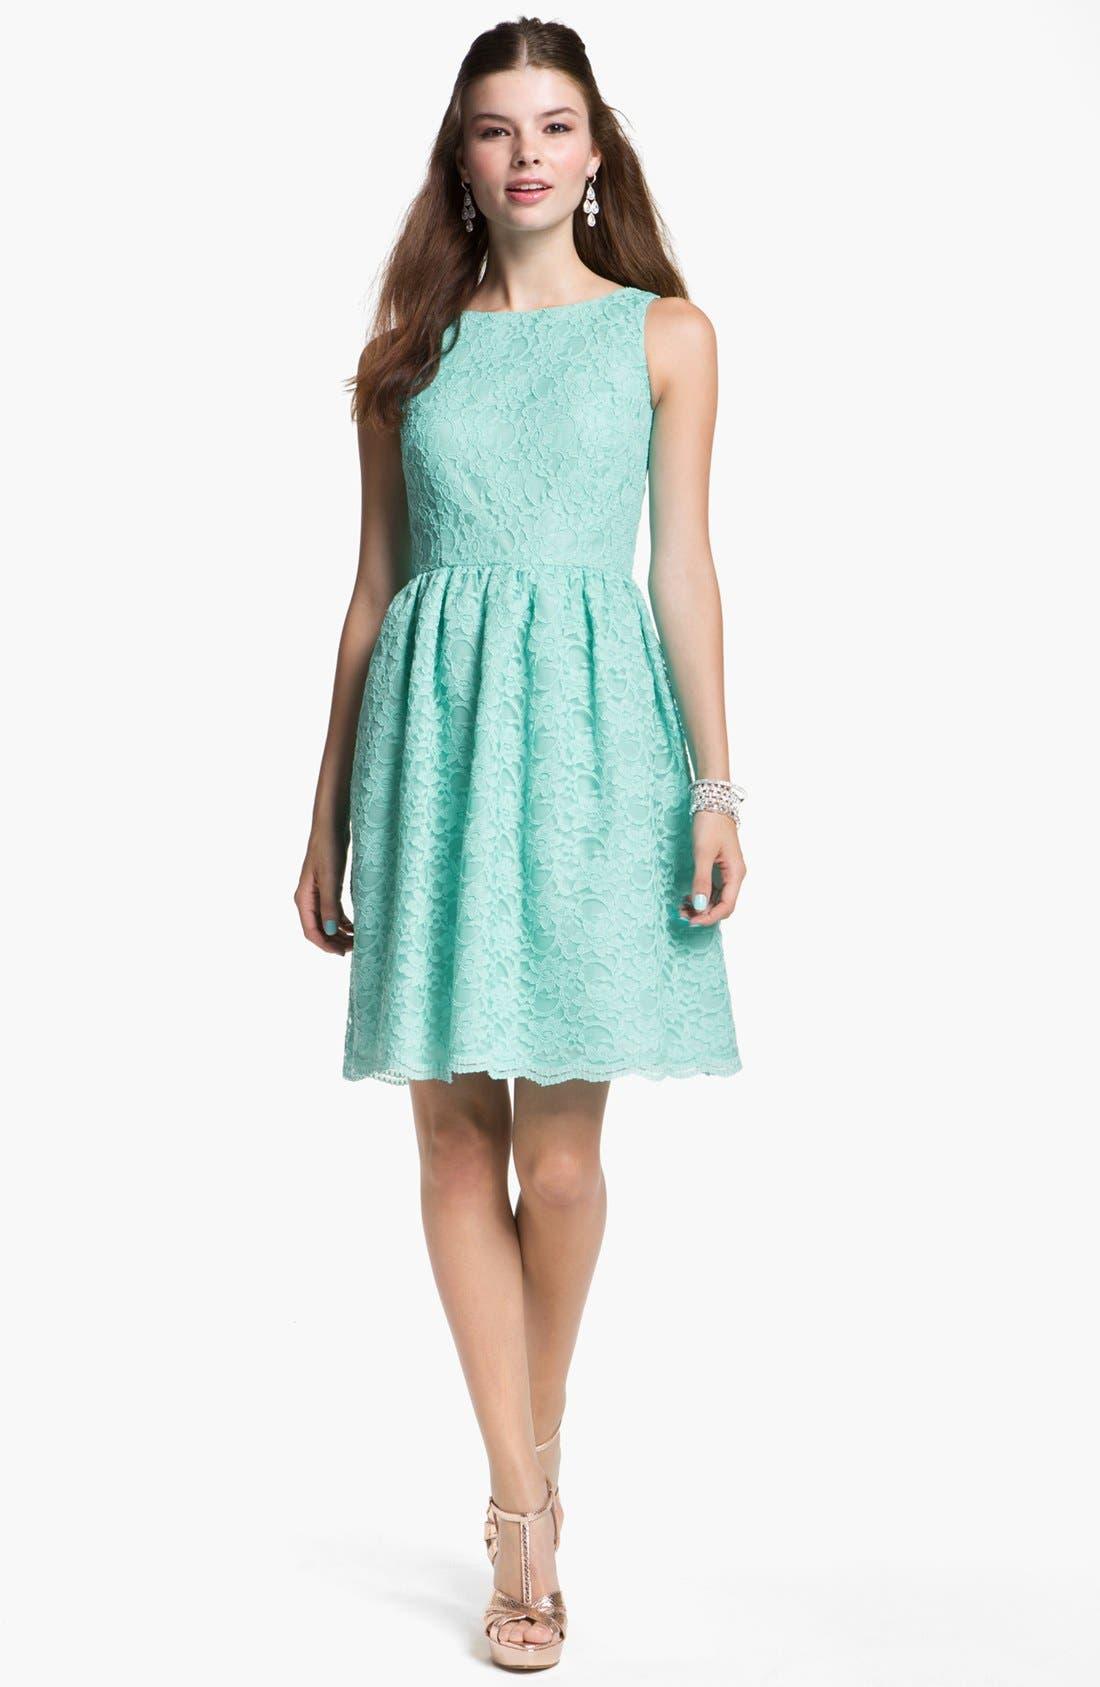 Main Image - Calvin Klein Dress & Accessories